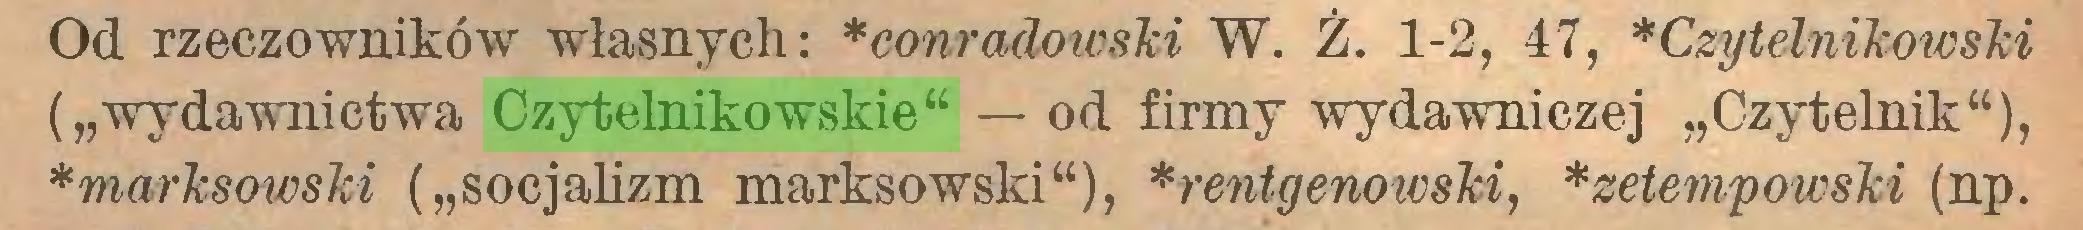 """(...) Od rzeczowników własnych: *conradowski W. Ż. 1-2, 47, *Czytelnikowski (""""wydawnictwa Czytelnikowskie"""" — od firmy wydawniczej """"Czytelnik""""), *marksowski (""""socjalizm marksowski""""), *rentgenowski, *zetempowski (np..."""